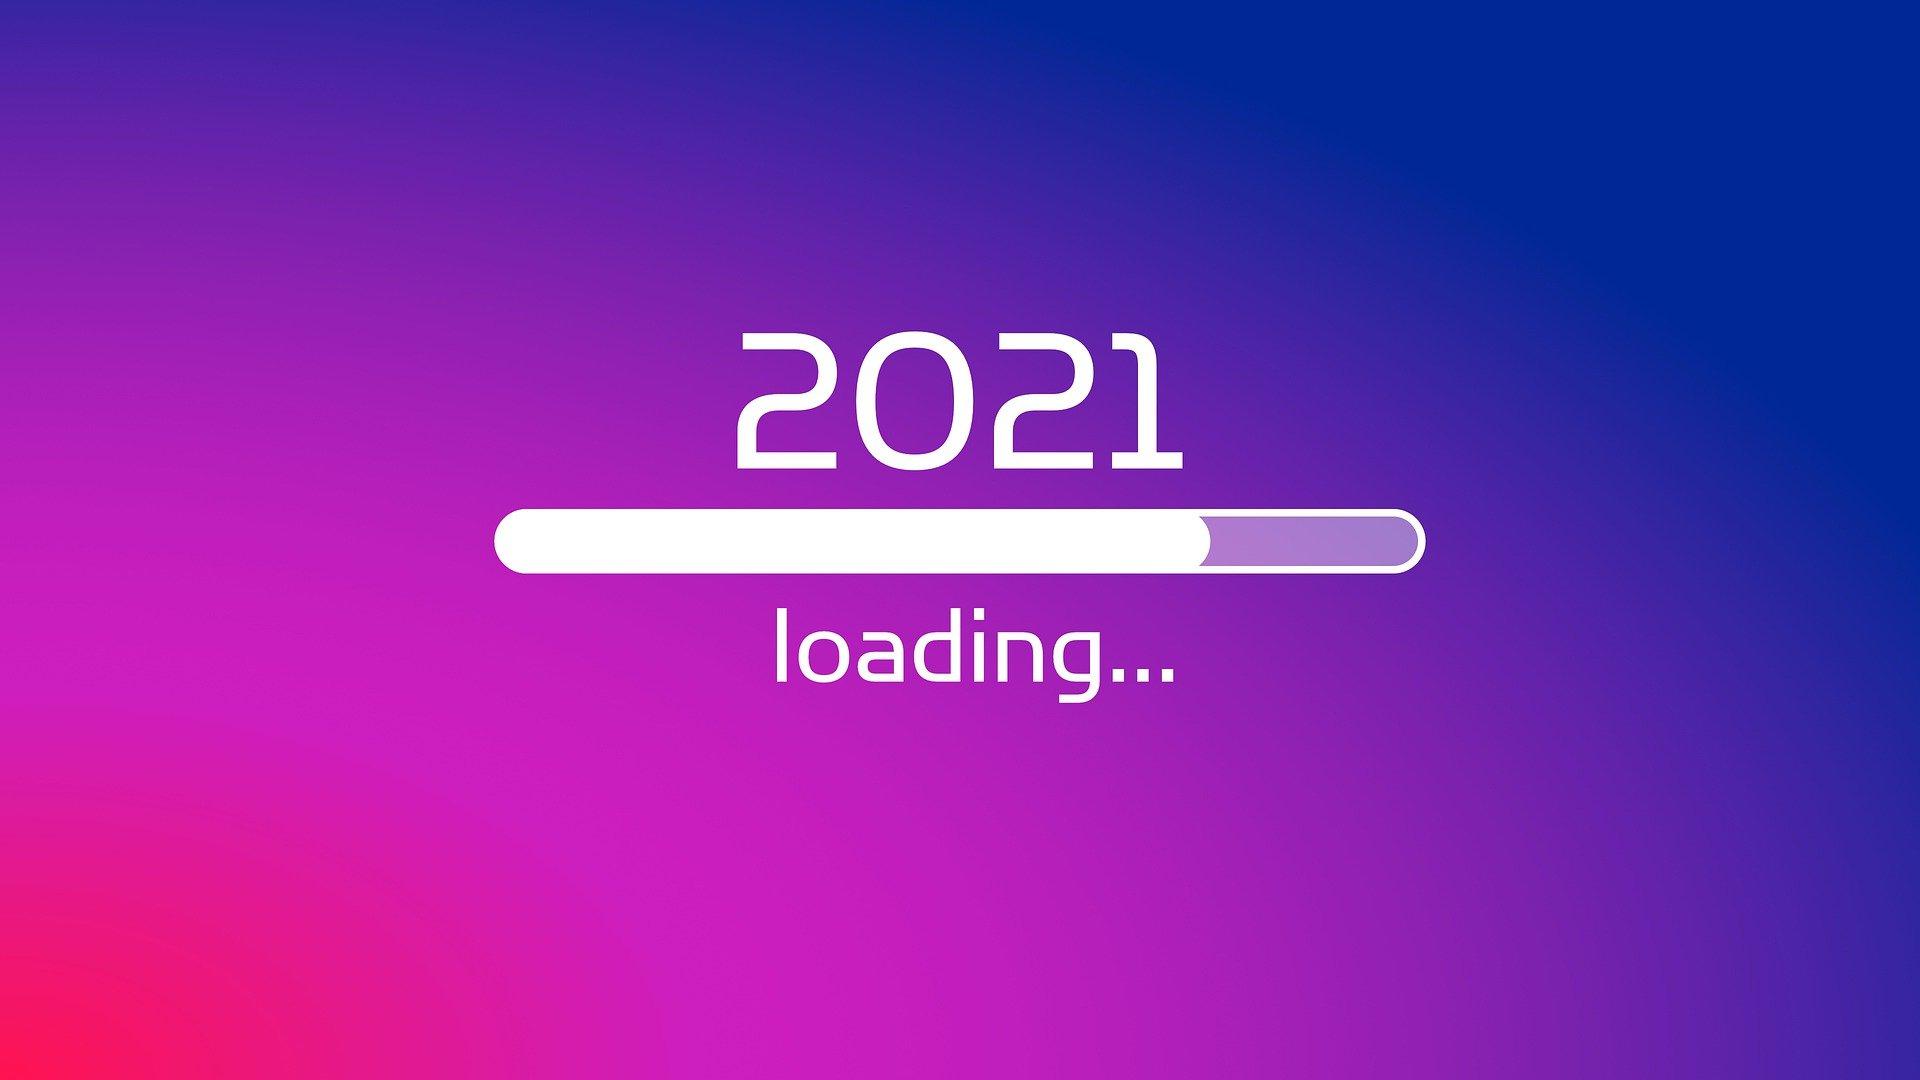 Падение Slack 4 января 2021 - 1